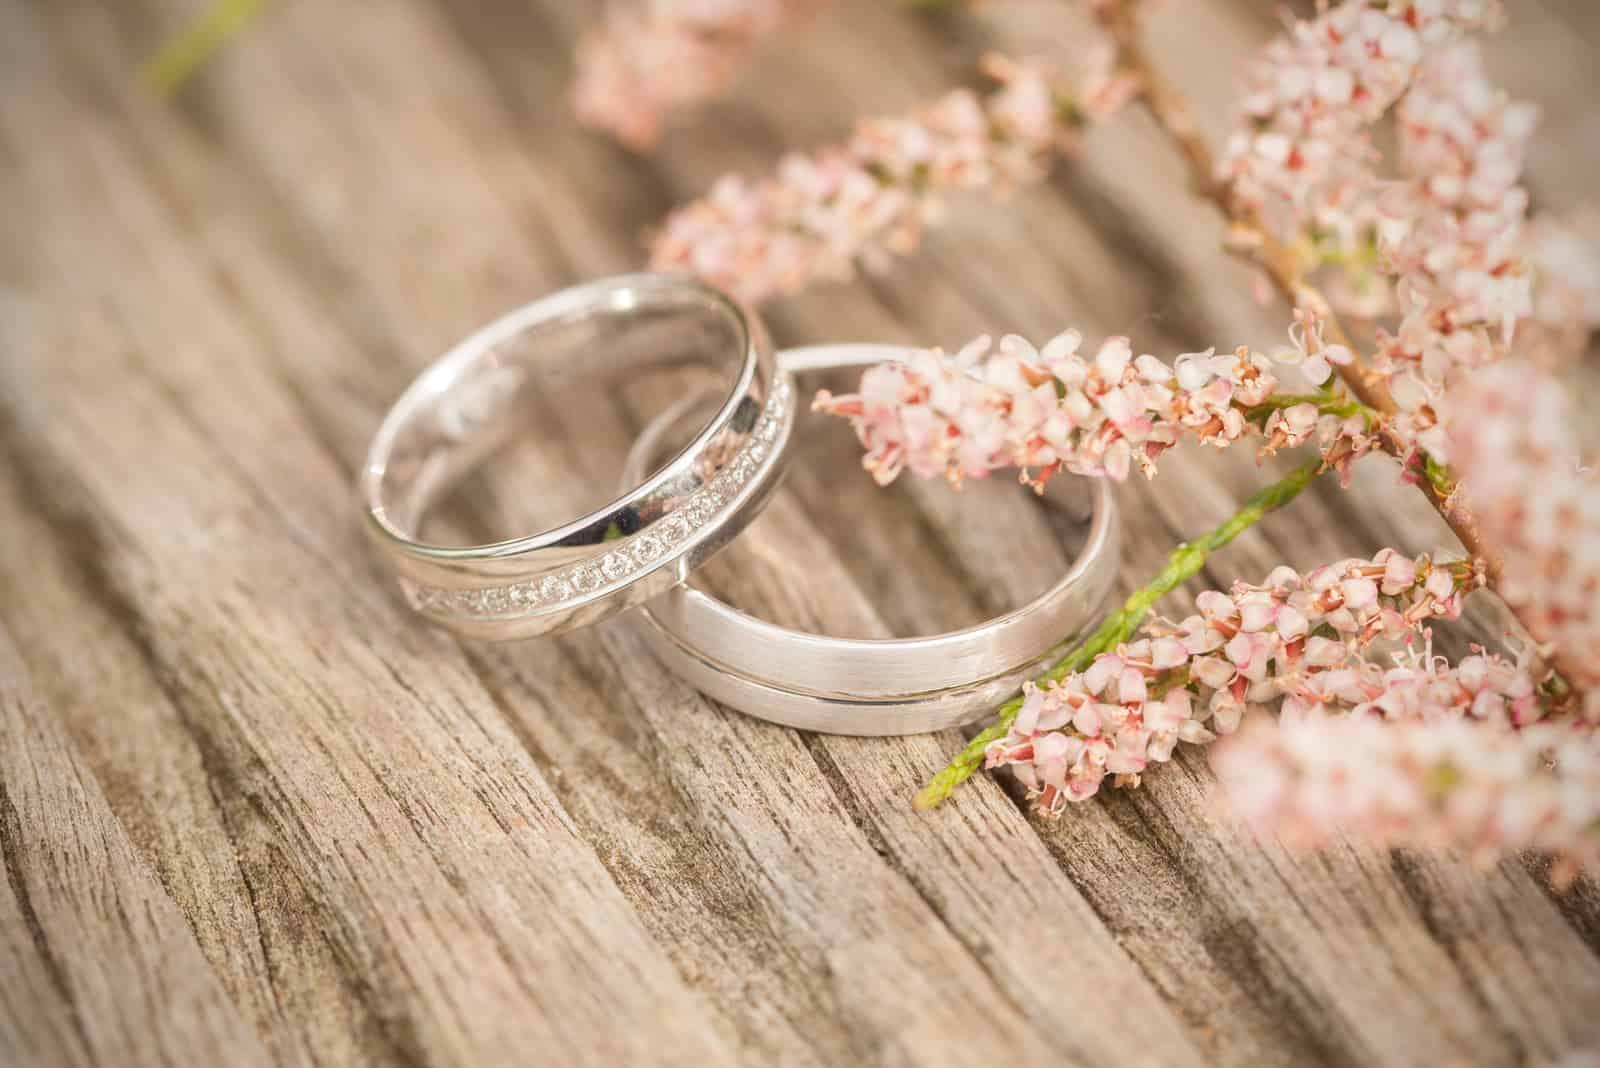 Silberne Eheringe auf einem hölzernen Hintergrund